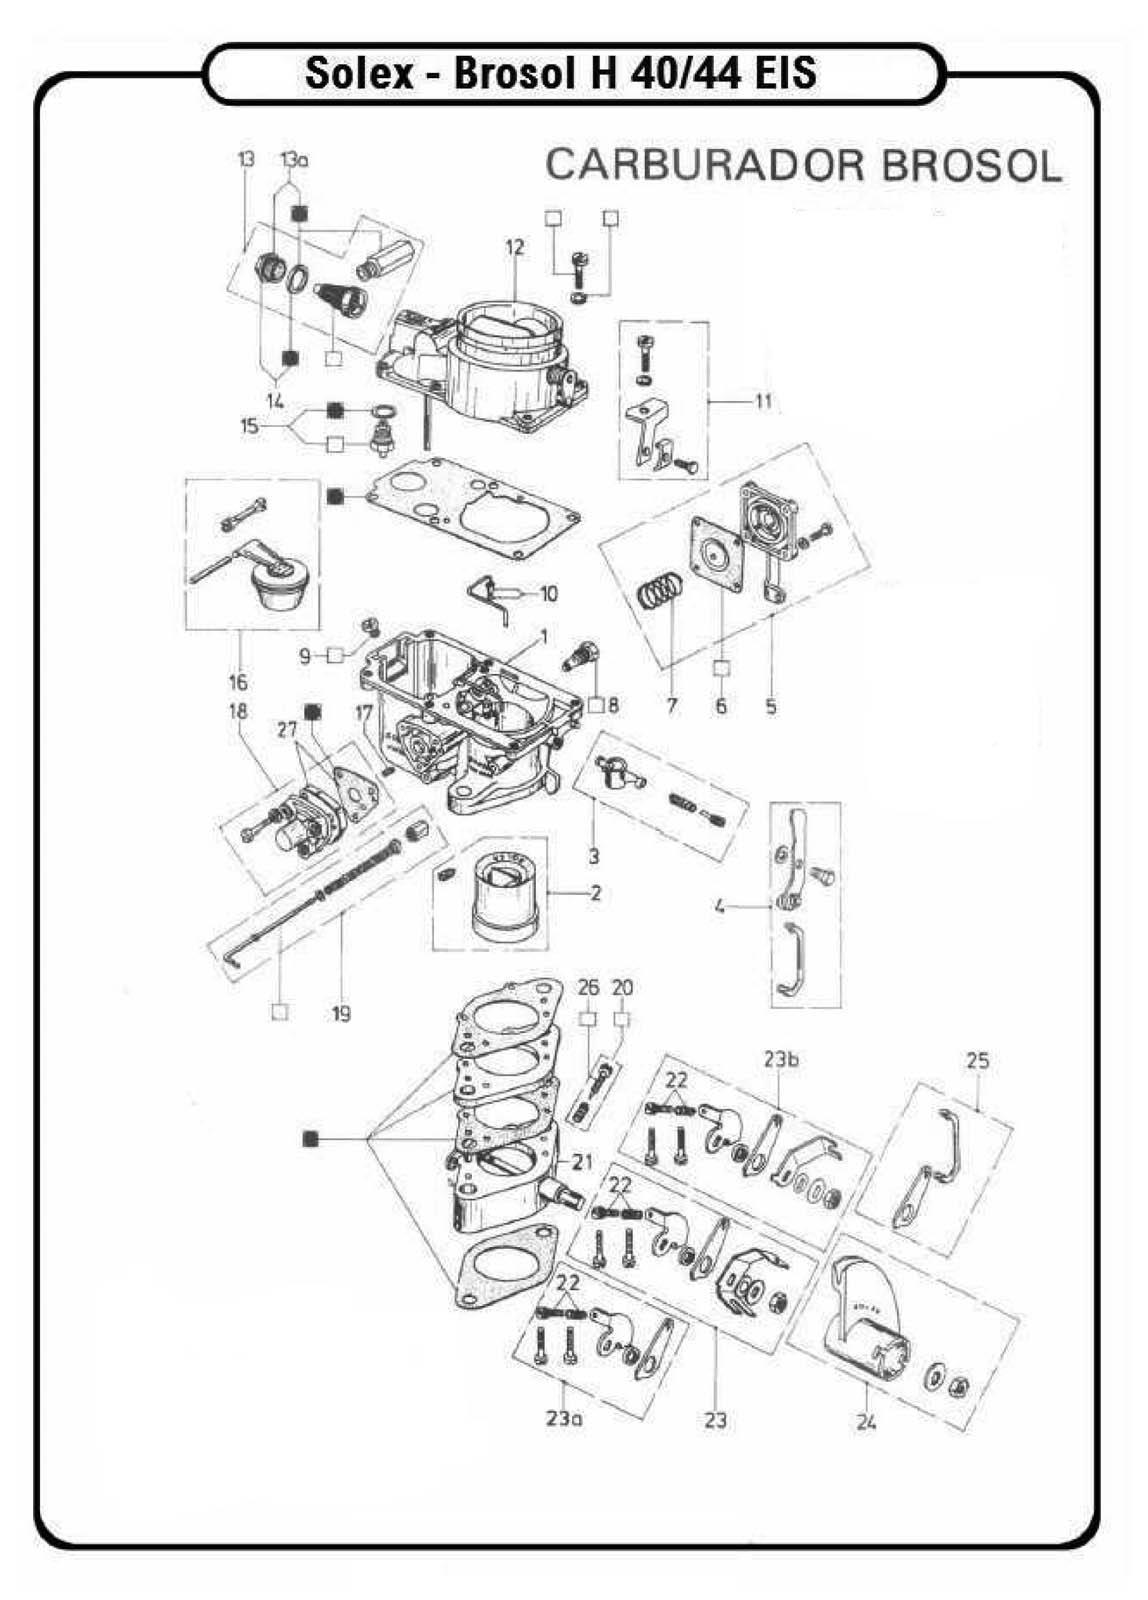 1971 Volkswagen Super Beetle Engine Diagram. Volkswagen